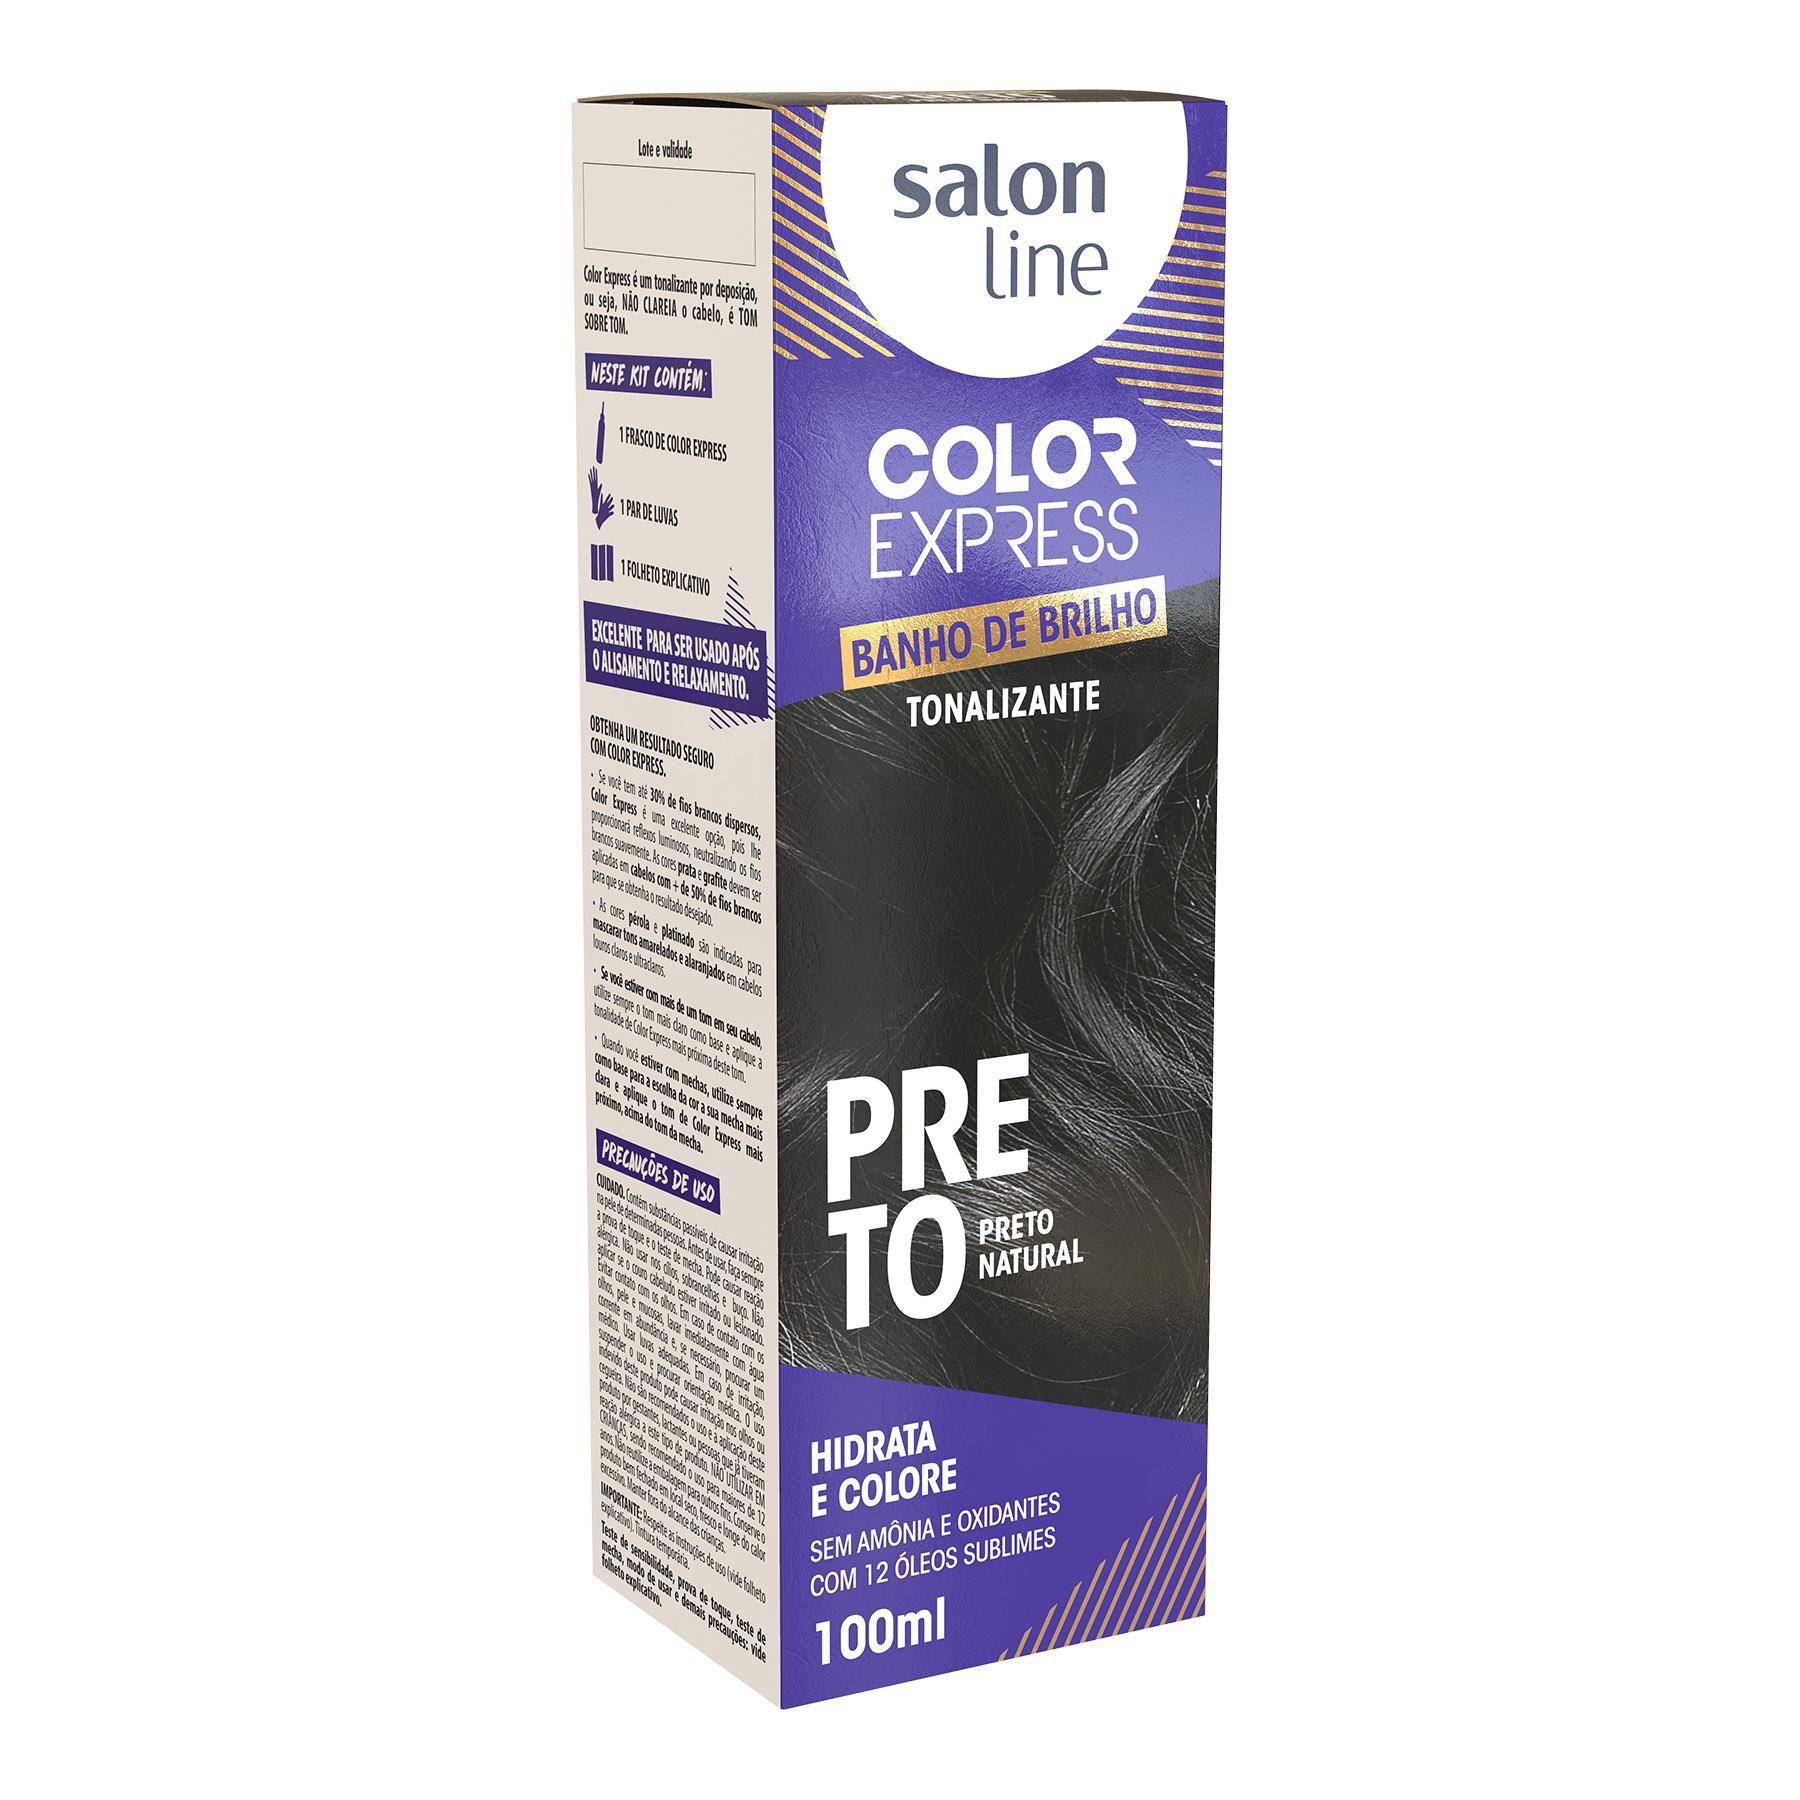 Salon Line Banho de Brilho Color Express Preto Natural 100mL